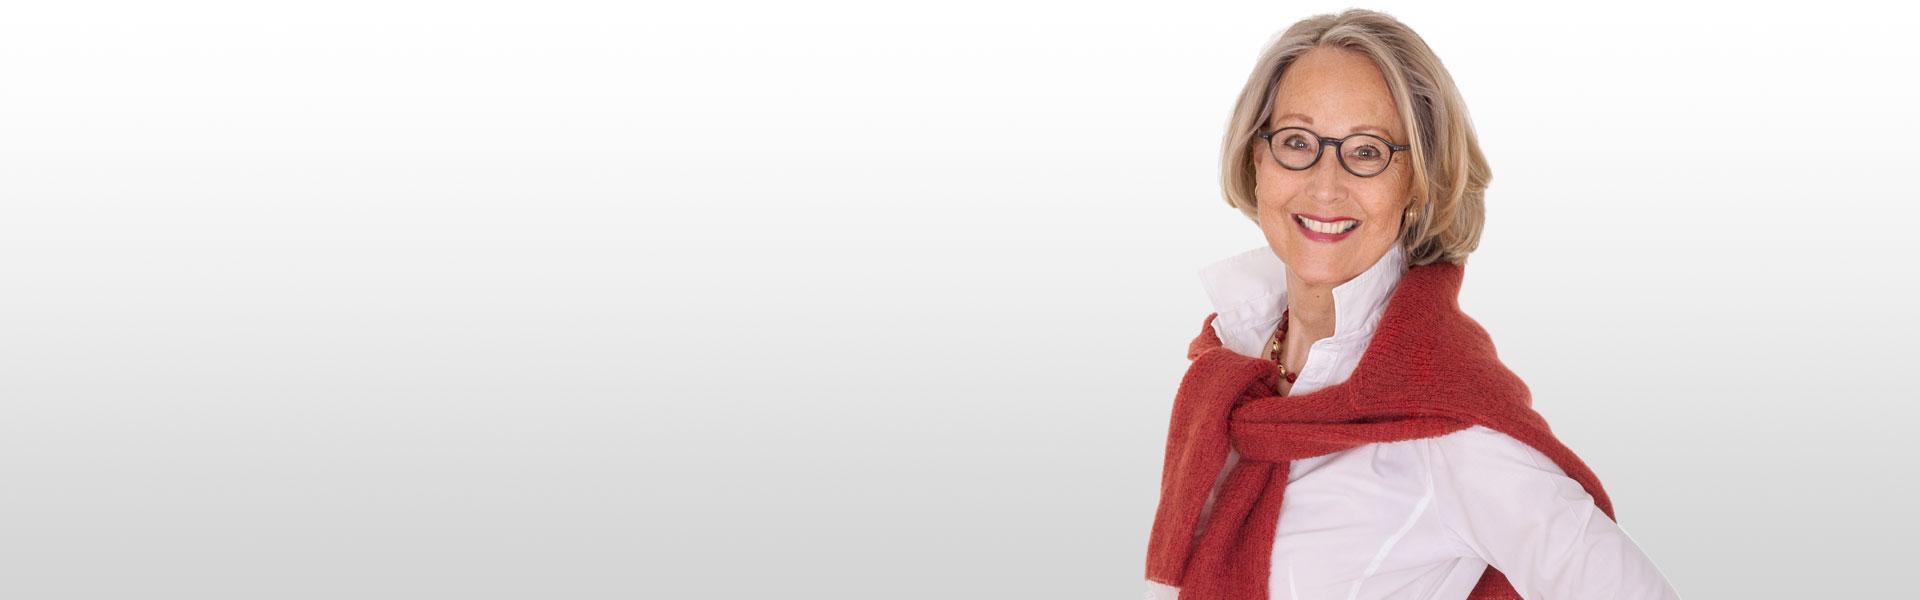 Wenche Veiersted Fargekonsultasjon, Stilkonsultasjon, Garderobeanalyse og Personal Shopping